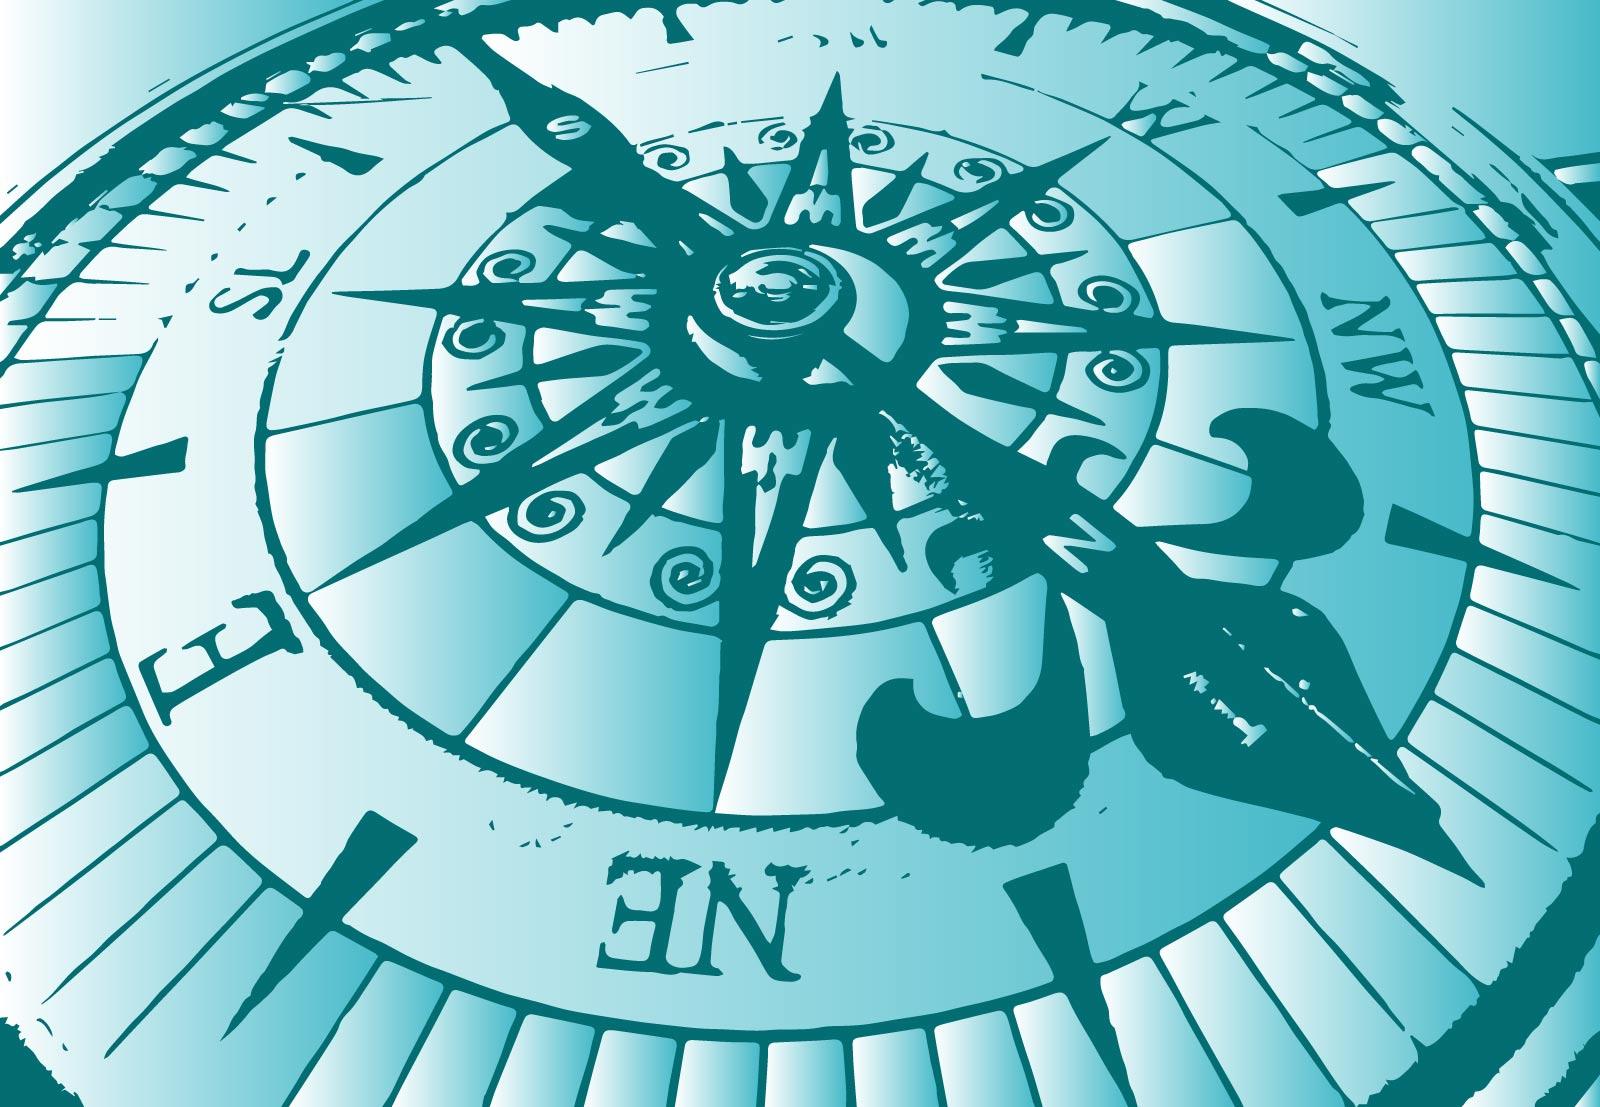 Ilustración gratis - Esfera de una brújula magnética